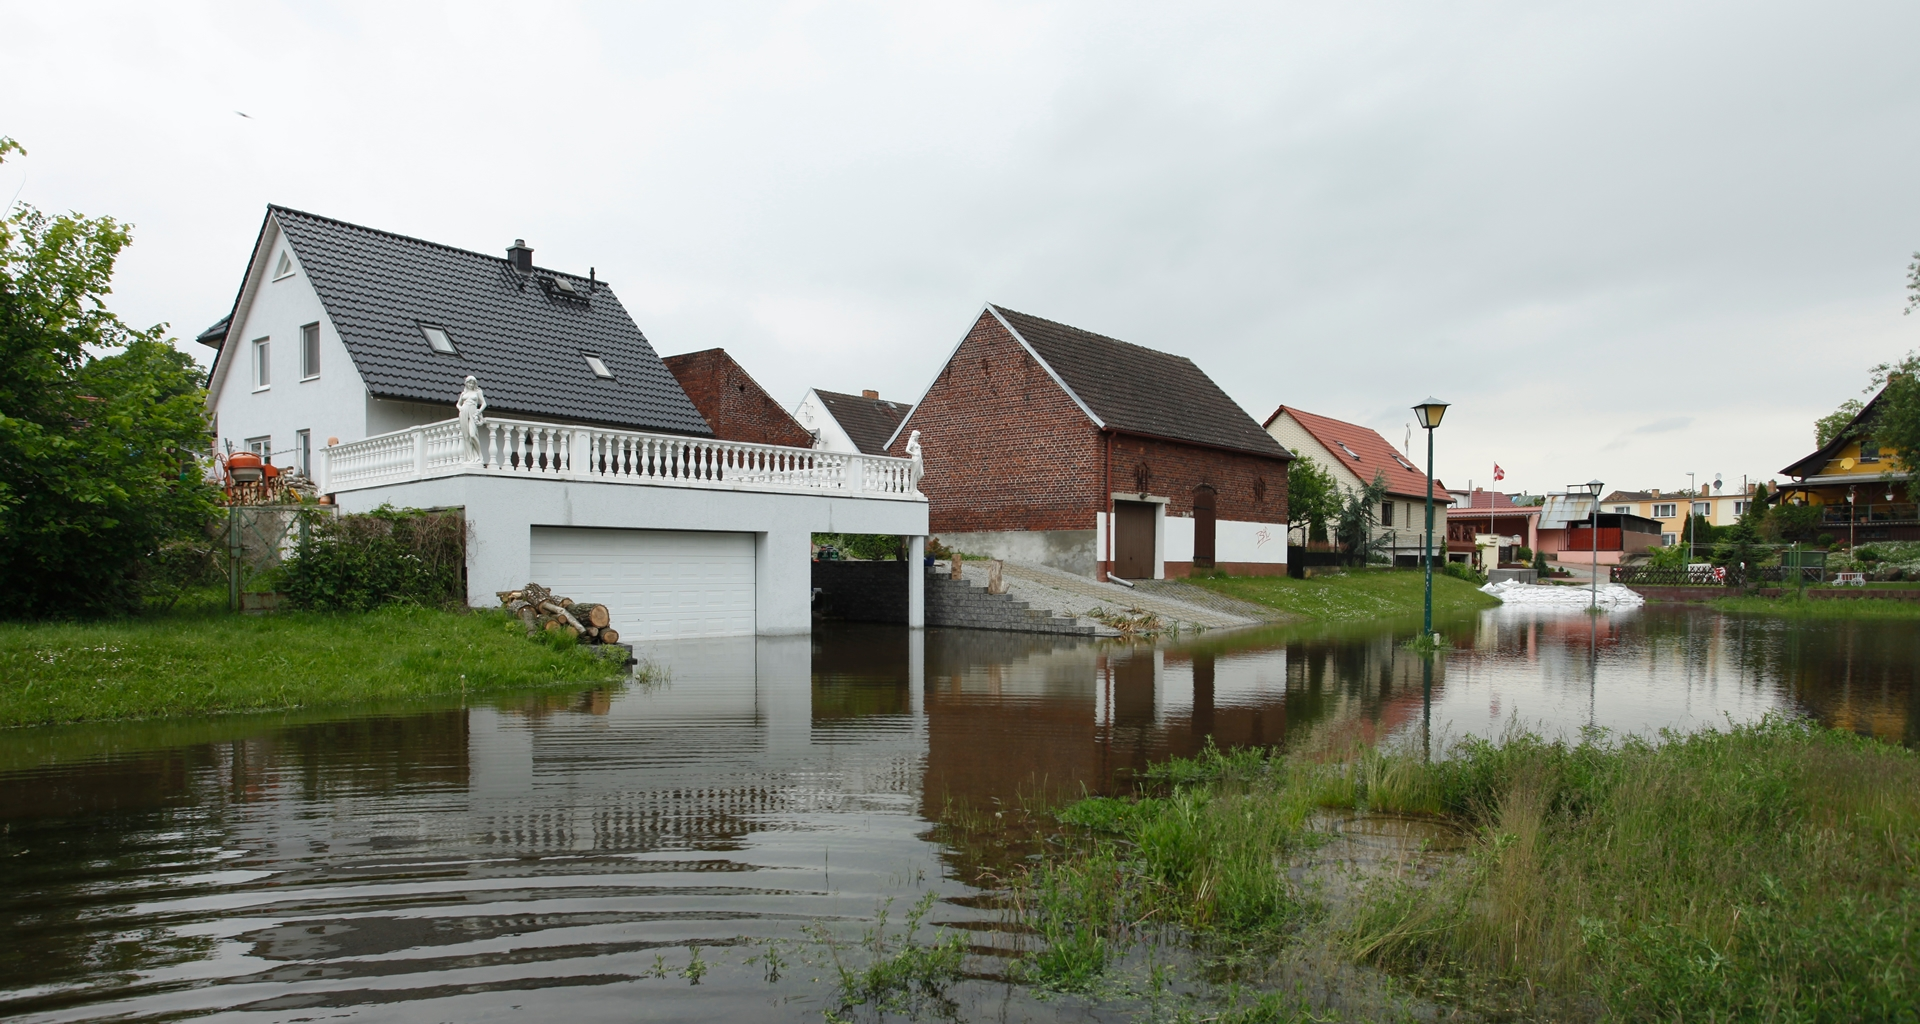 Tiefs bringen Starkregen und Überschwemmungen